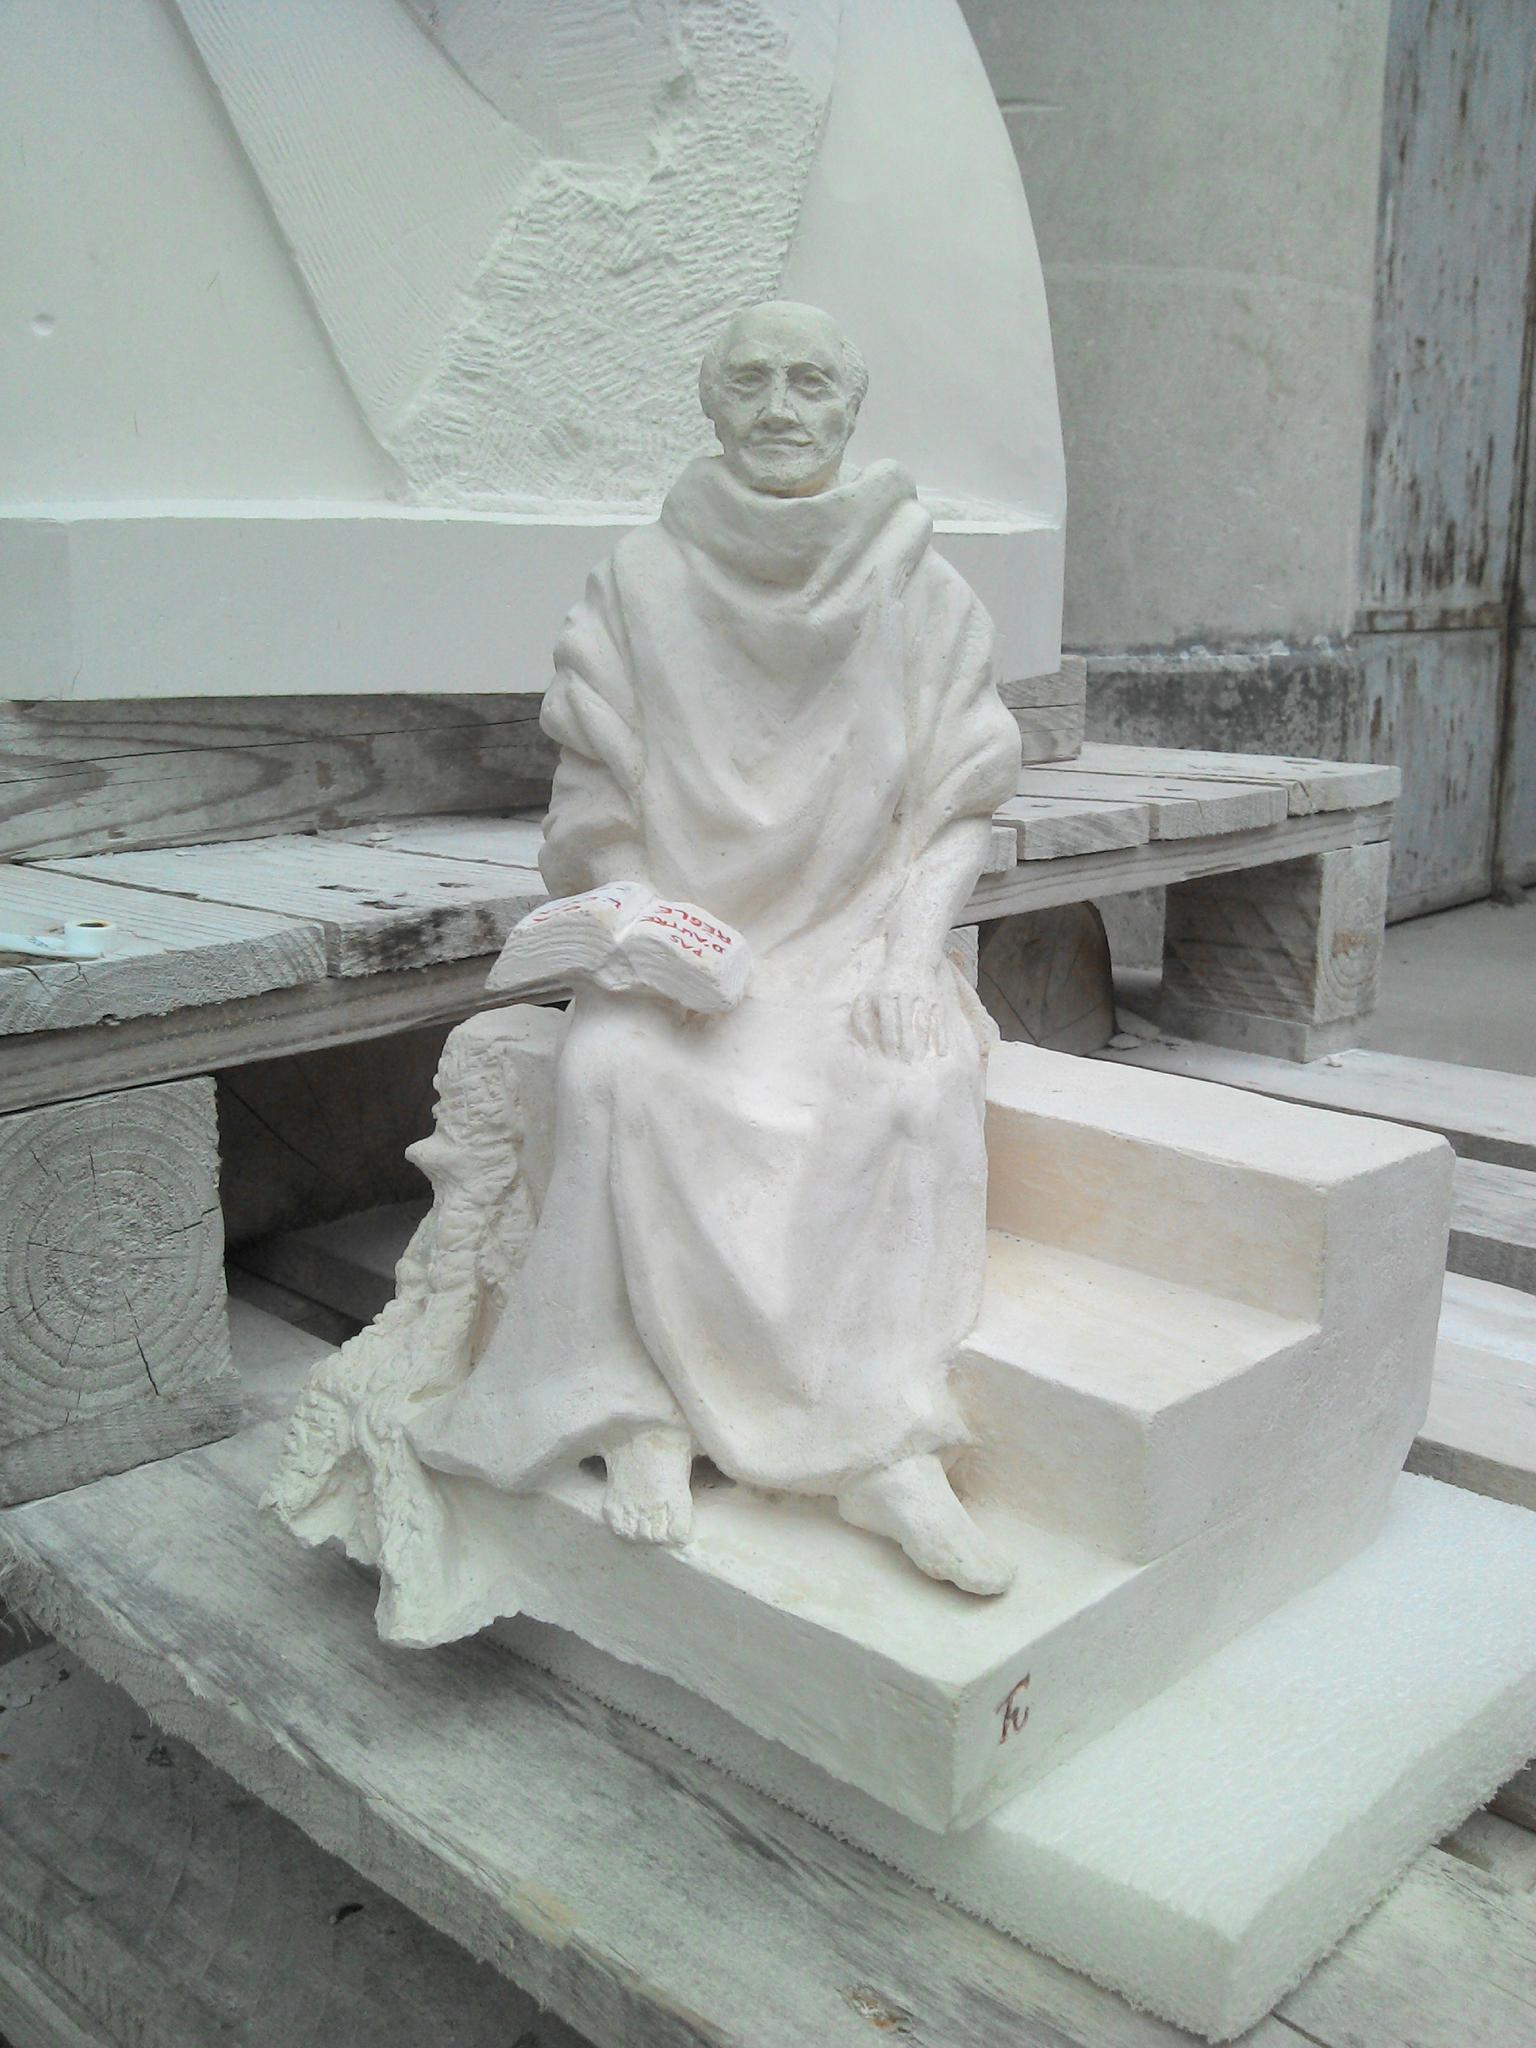 Fulbert DUBOIS sculpteur - Saint Etienne de Muret - Moulage en pierre reconstituée